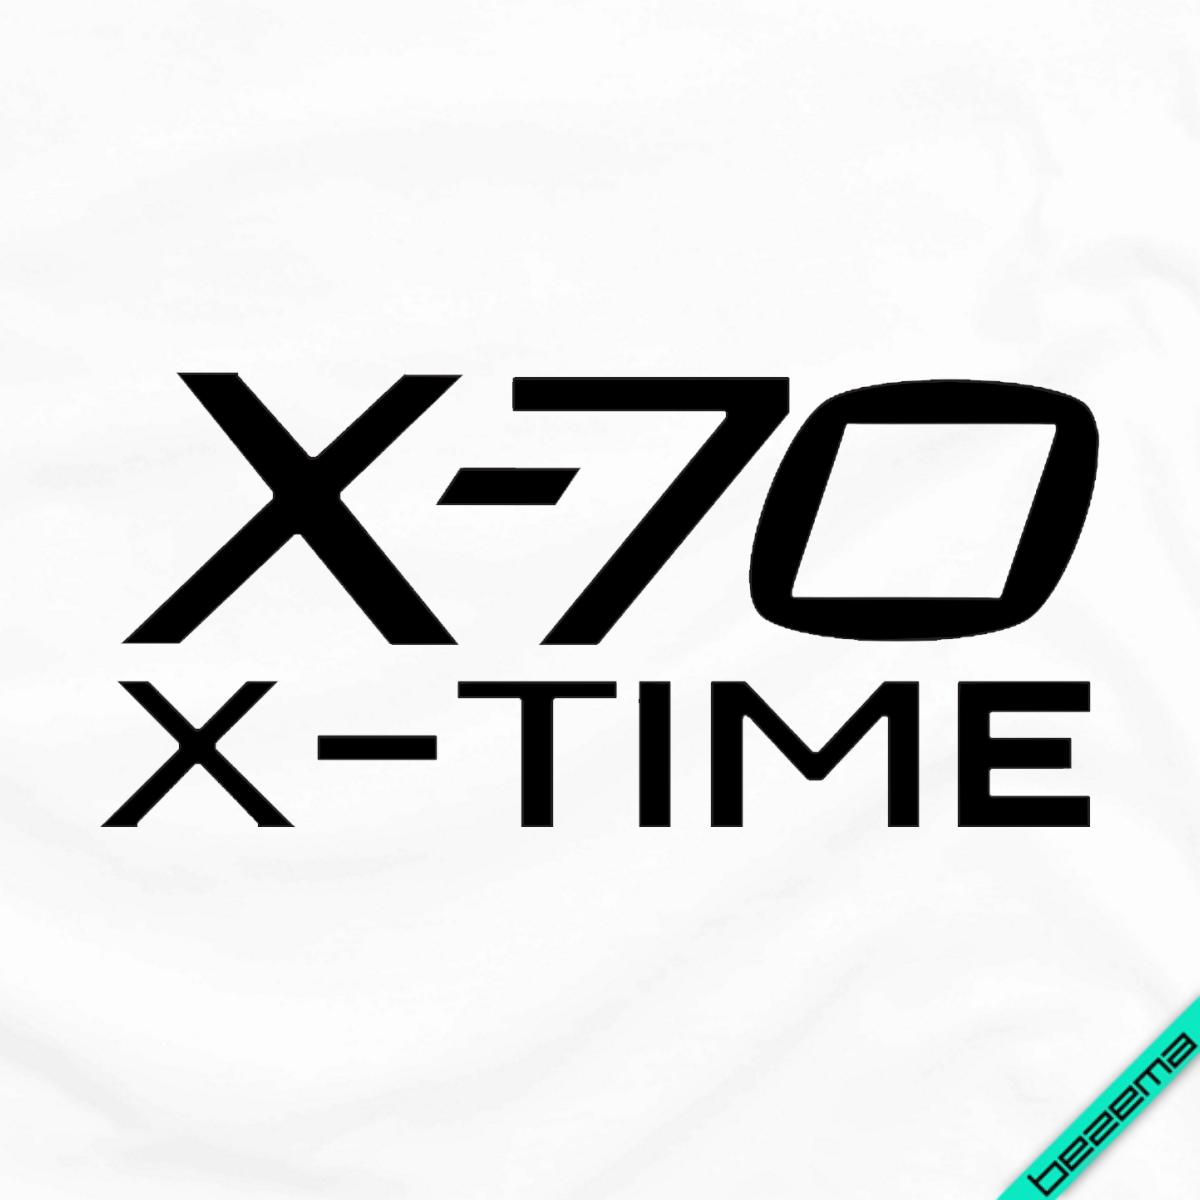 Термопринт на одеяла X-70 X-Time [Свой размер и материалы в ассортименте]